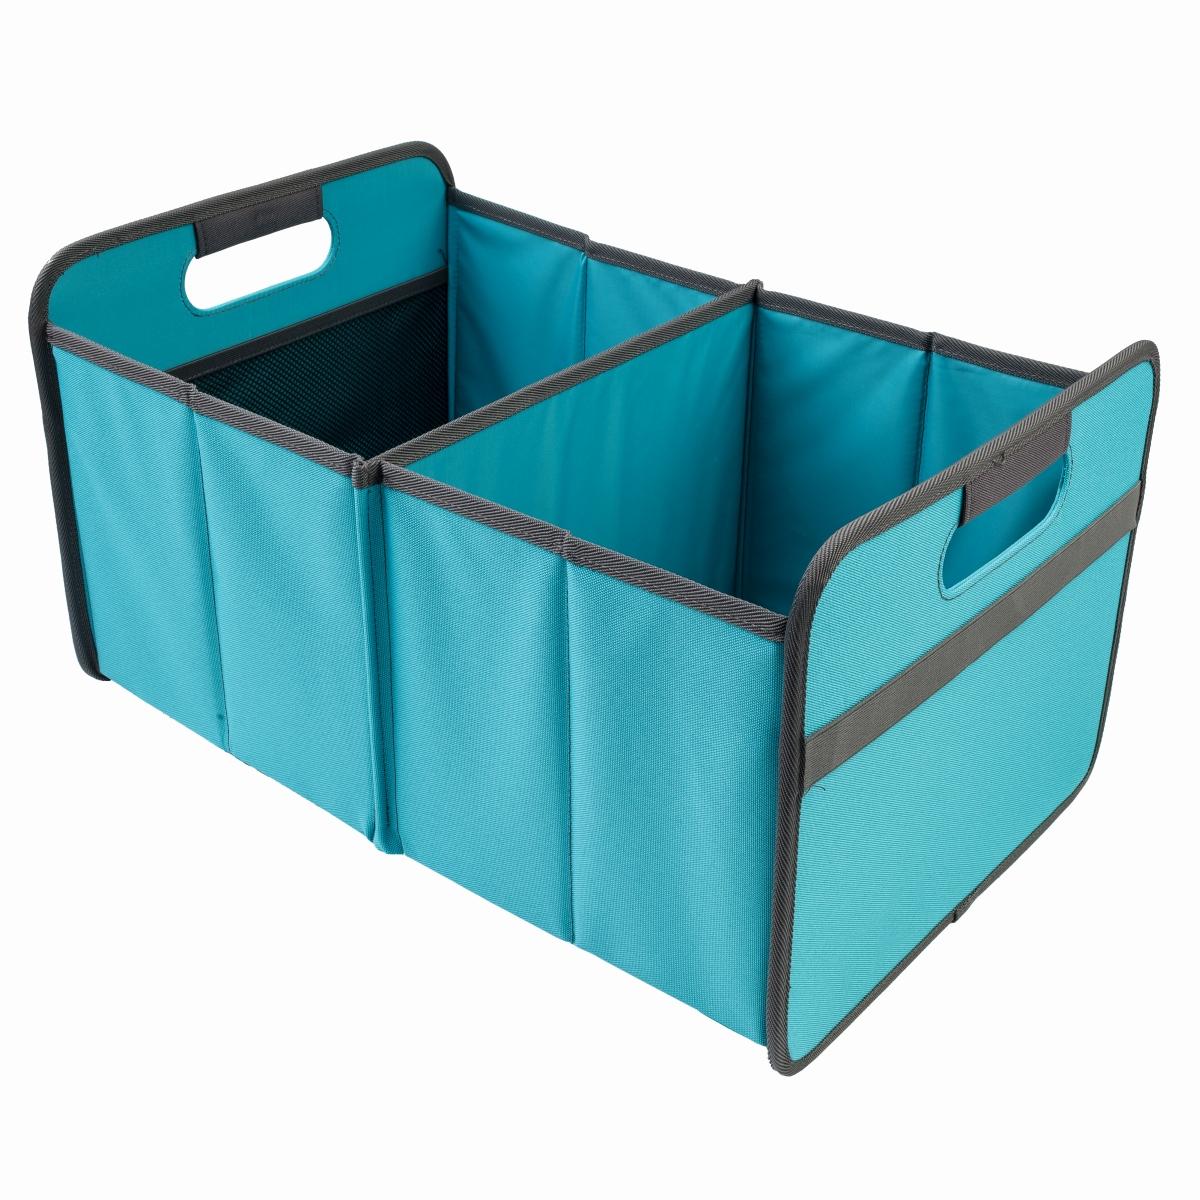 Meori Faltbox Classic L azur blau